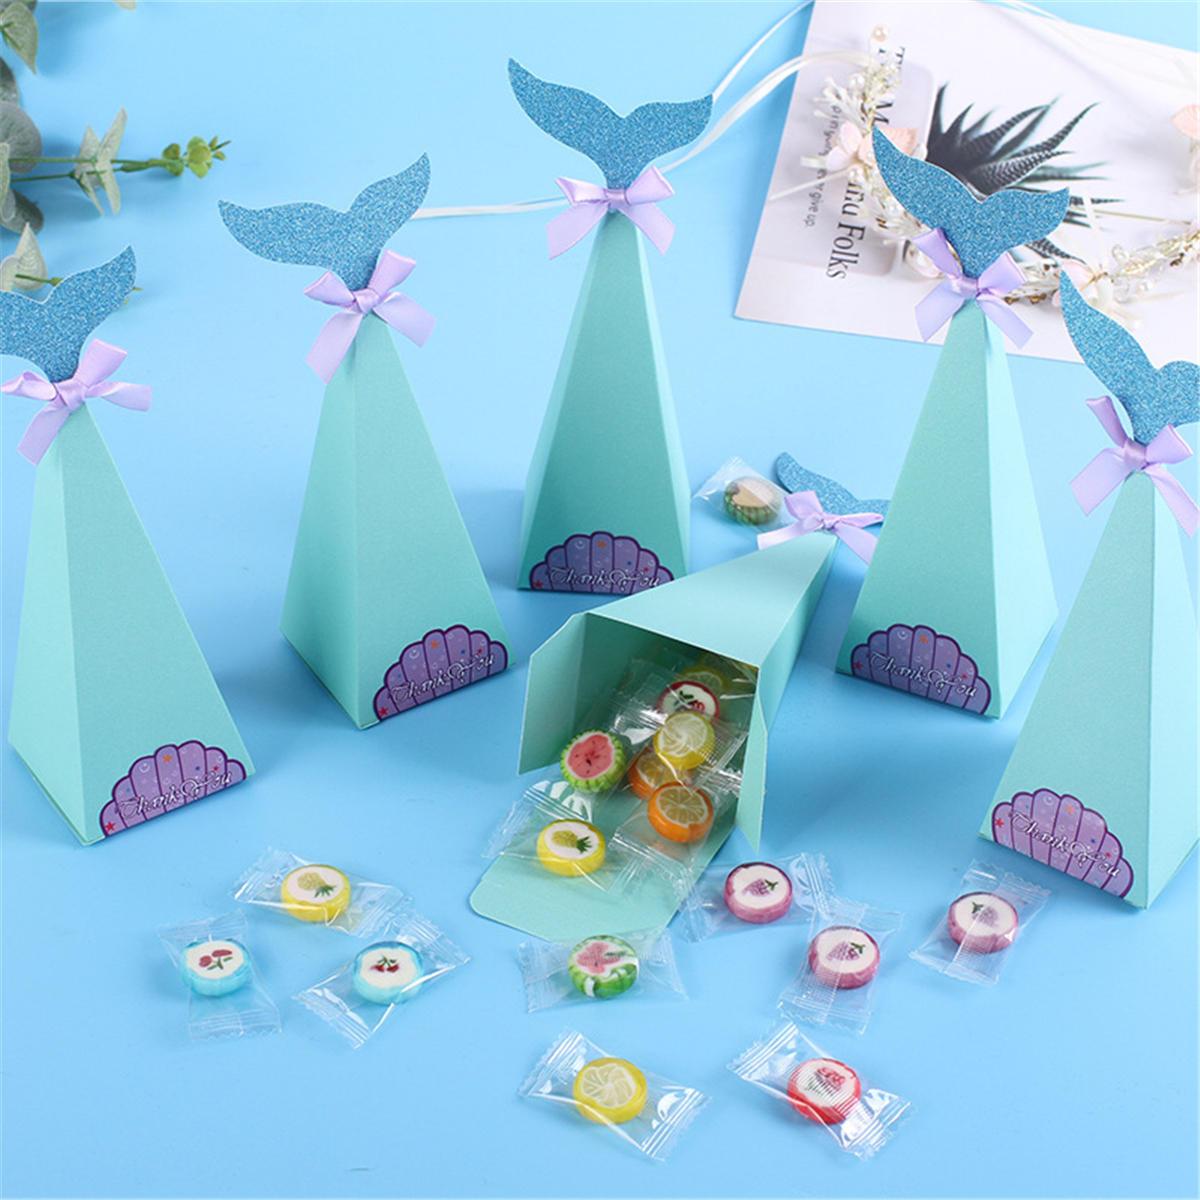 20 Teile / satz Kleine Meerjungfrau Geschenkboxen Papier Süße Süßigkeiten Container Kinder Geburtstag Hochzeit Dekorationen - 1